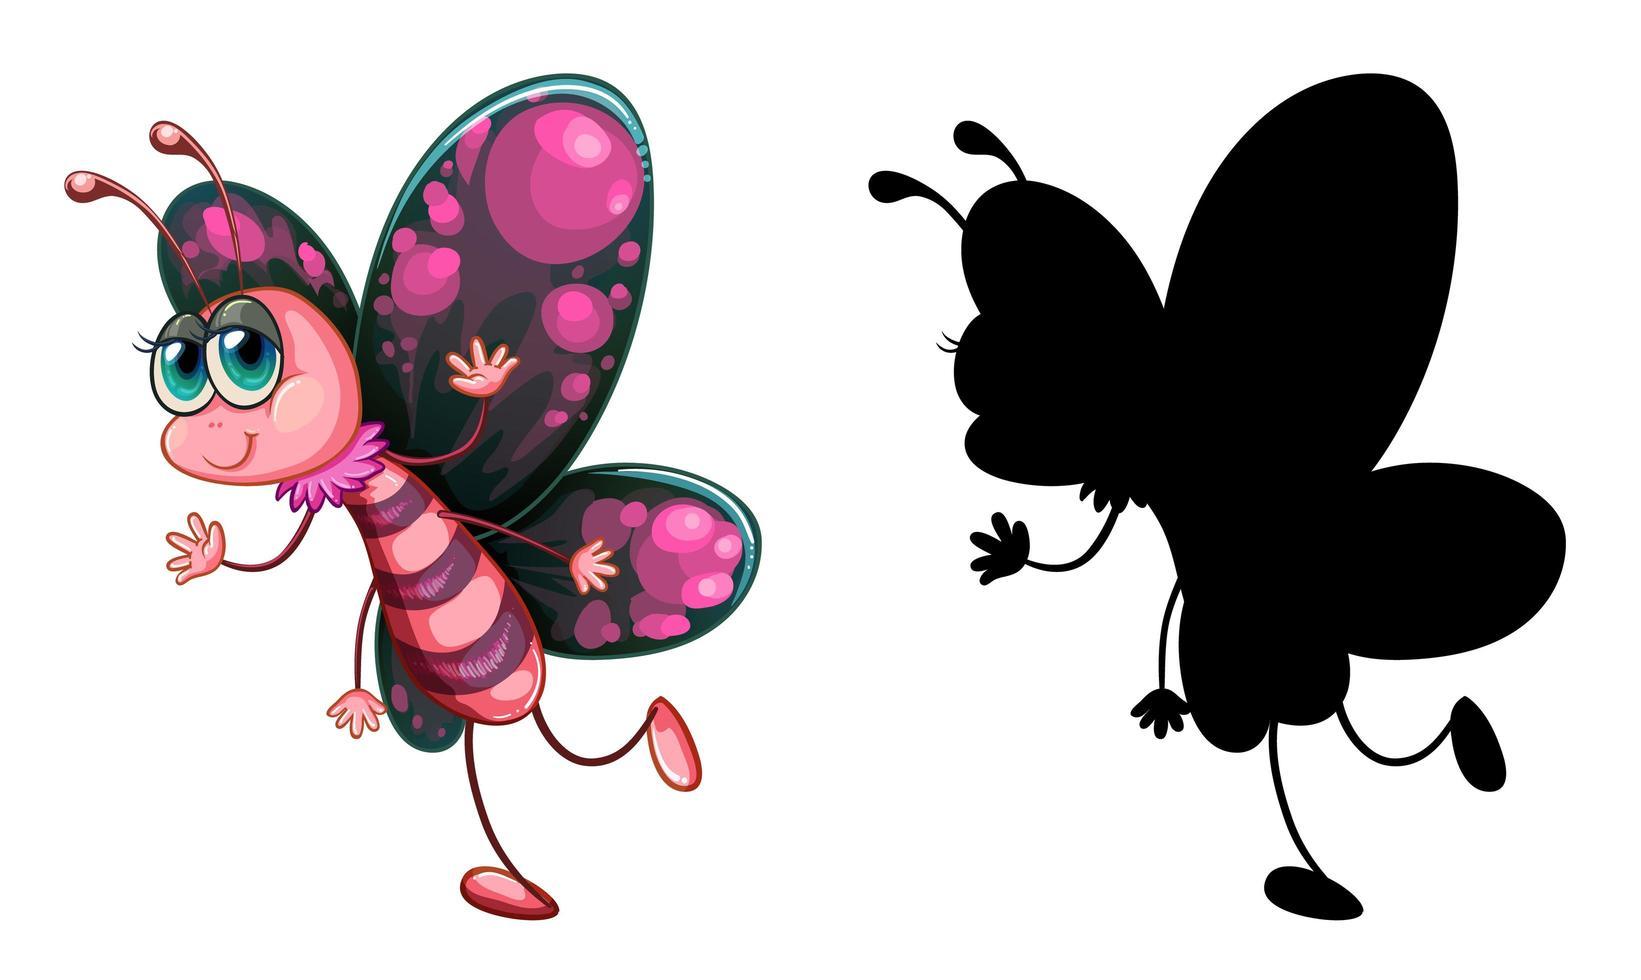 Conjunto de personaje de dibujos animados de insectos y su silueta sobre fondo blanco. vector